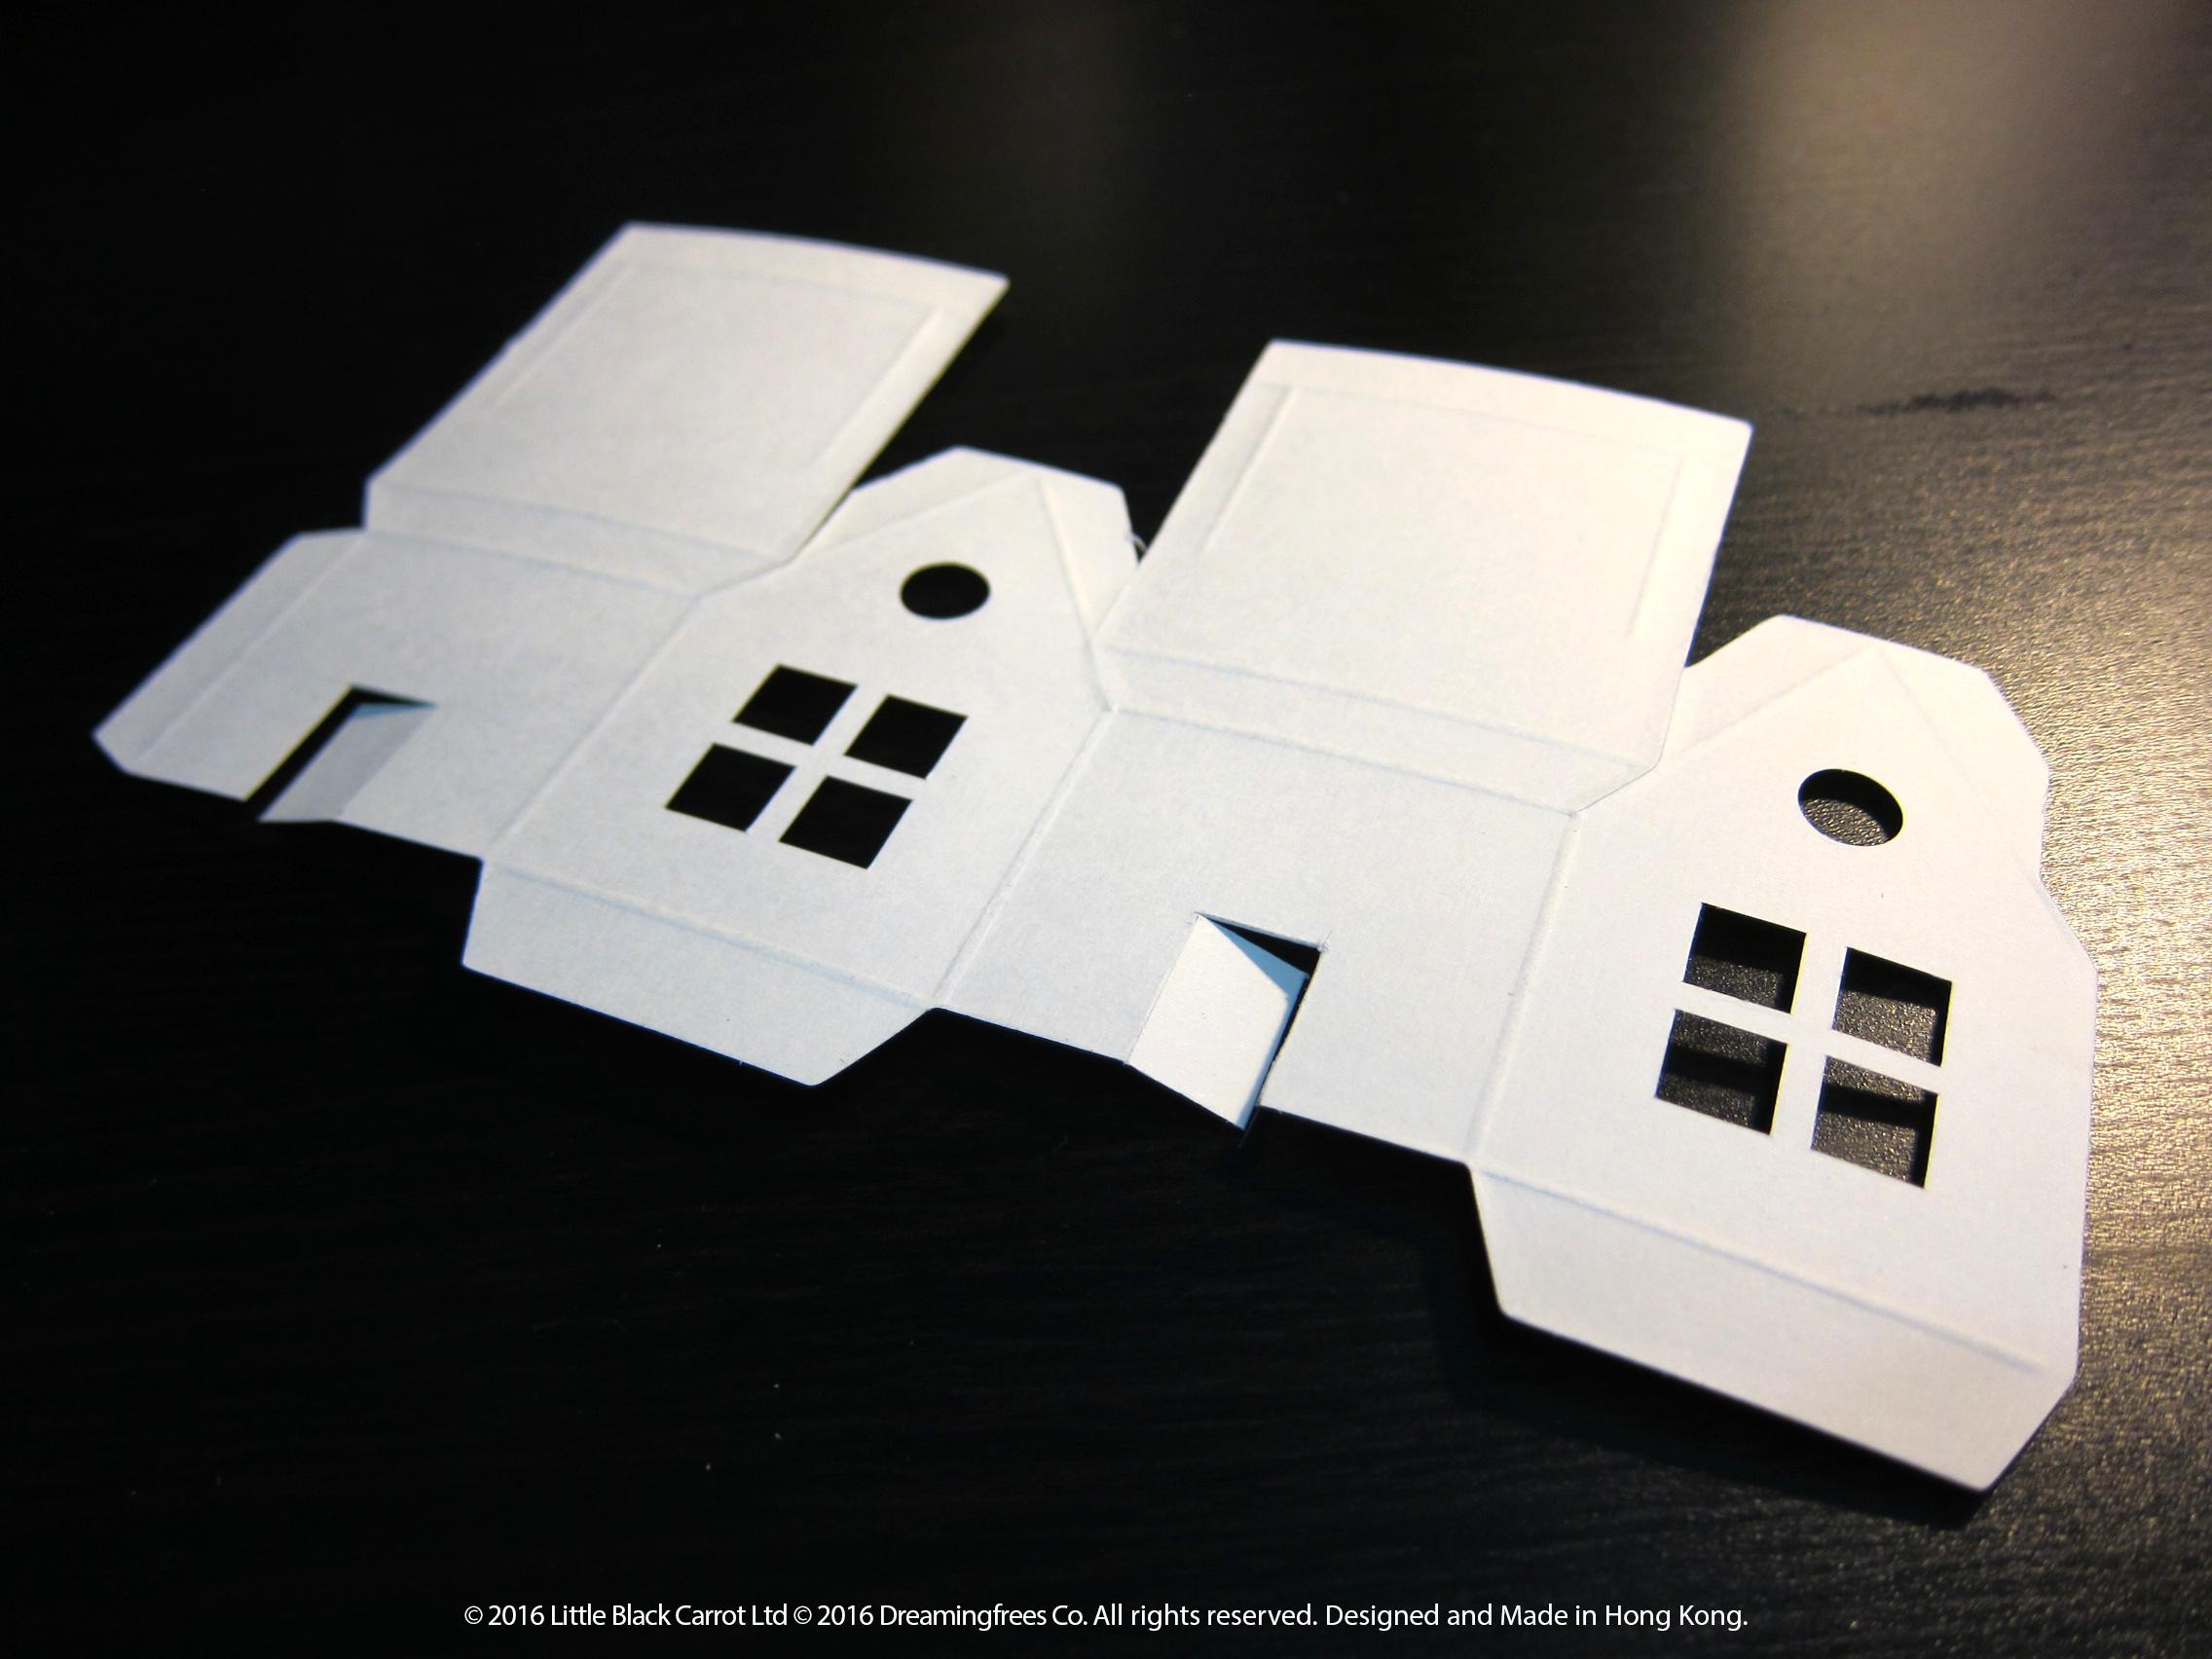 03:𠝹開門口位後擦掉鉛筆跡,在正面設計圖案